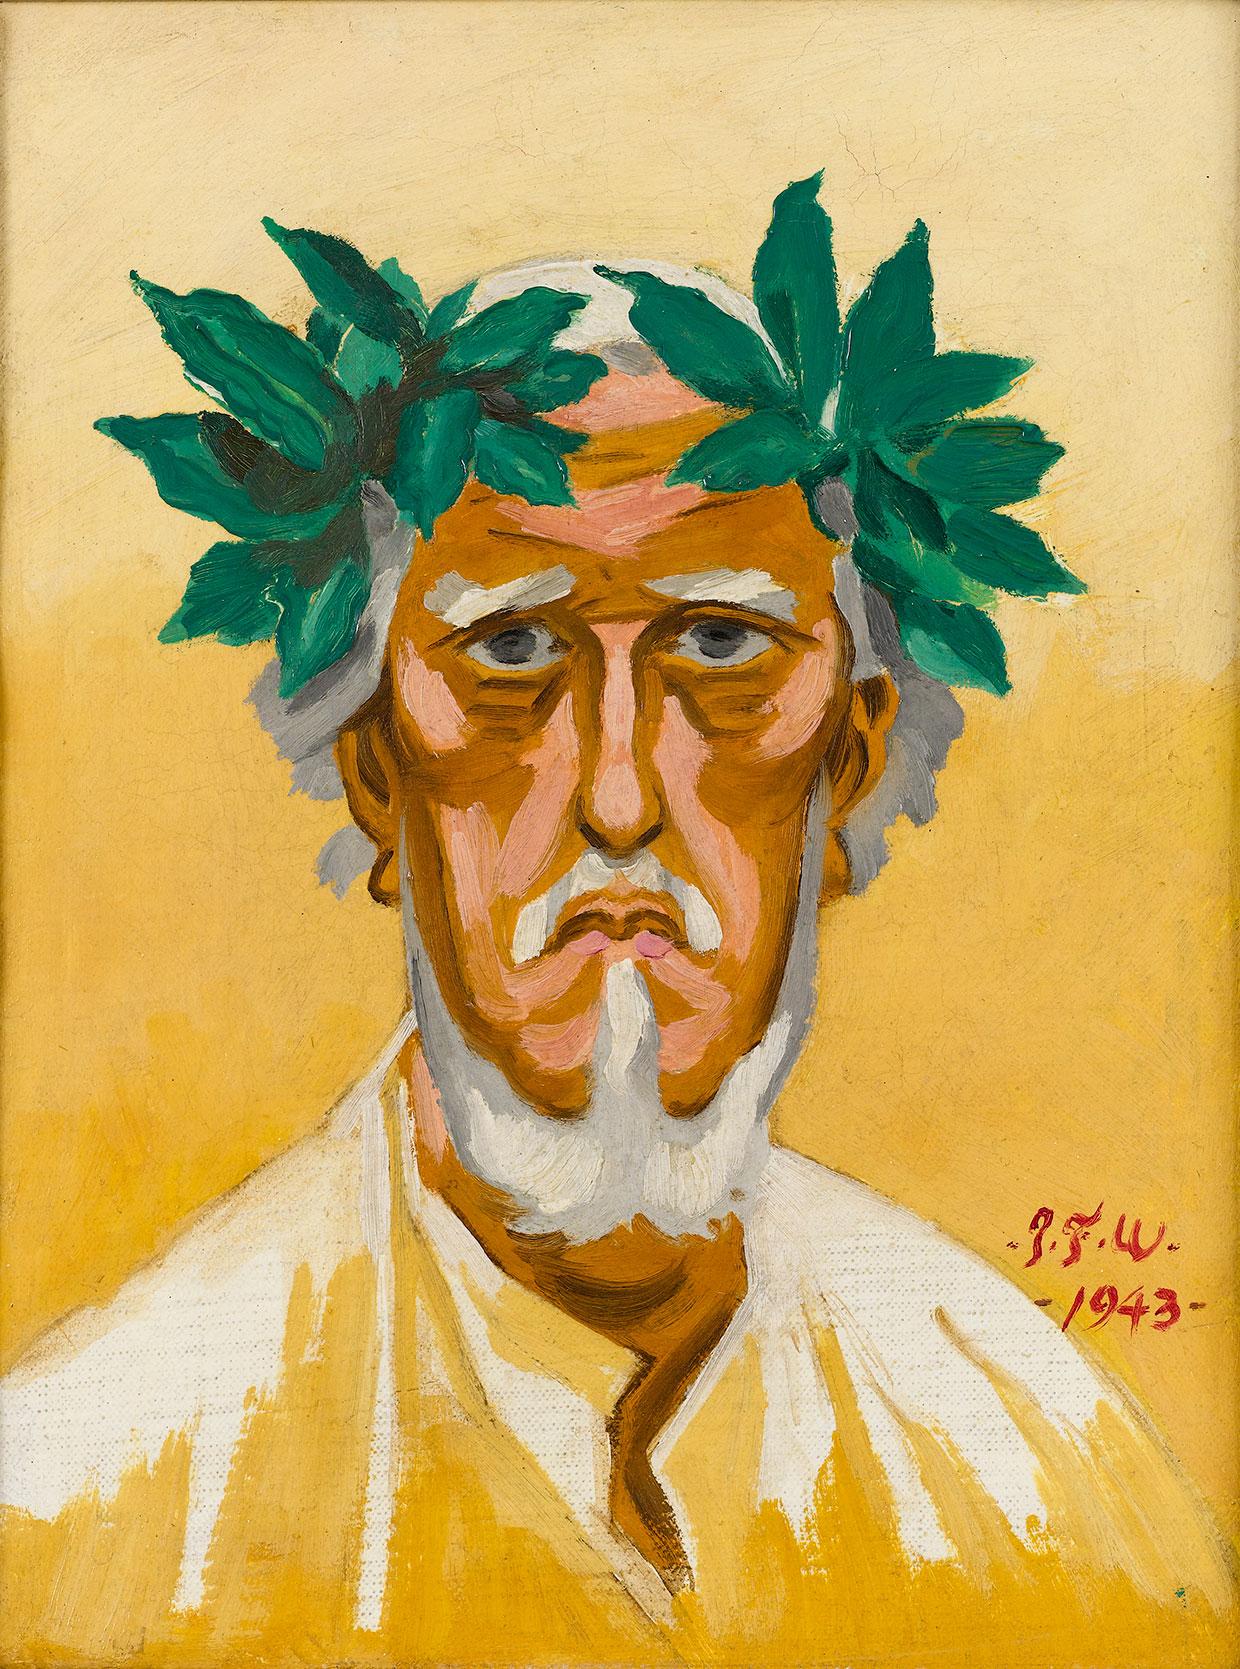 J.F. Willumsen, Self-portrait. Laurel Wreath on Head, 1943. J.F. Willumsens Museum. Photo: Anders Sune Berg